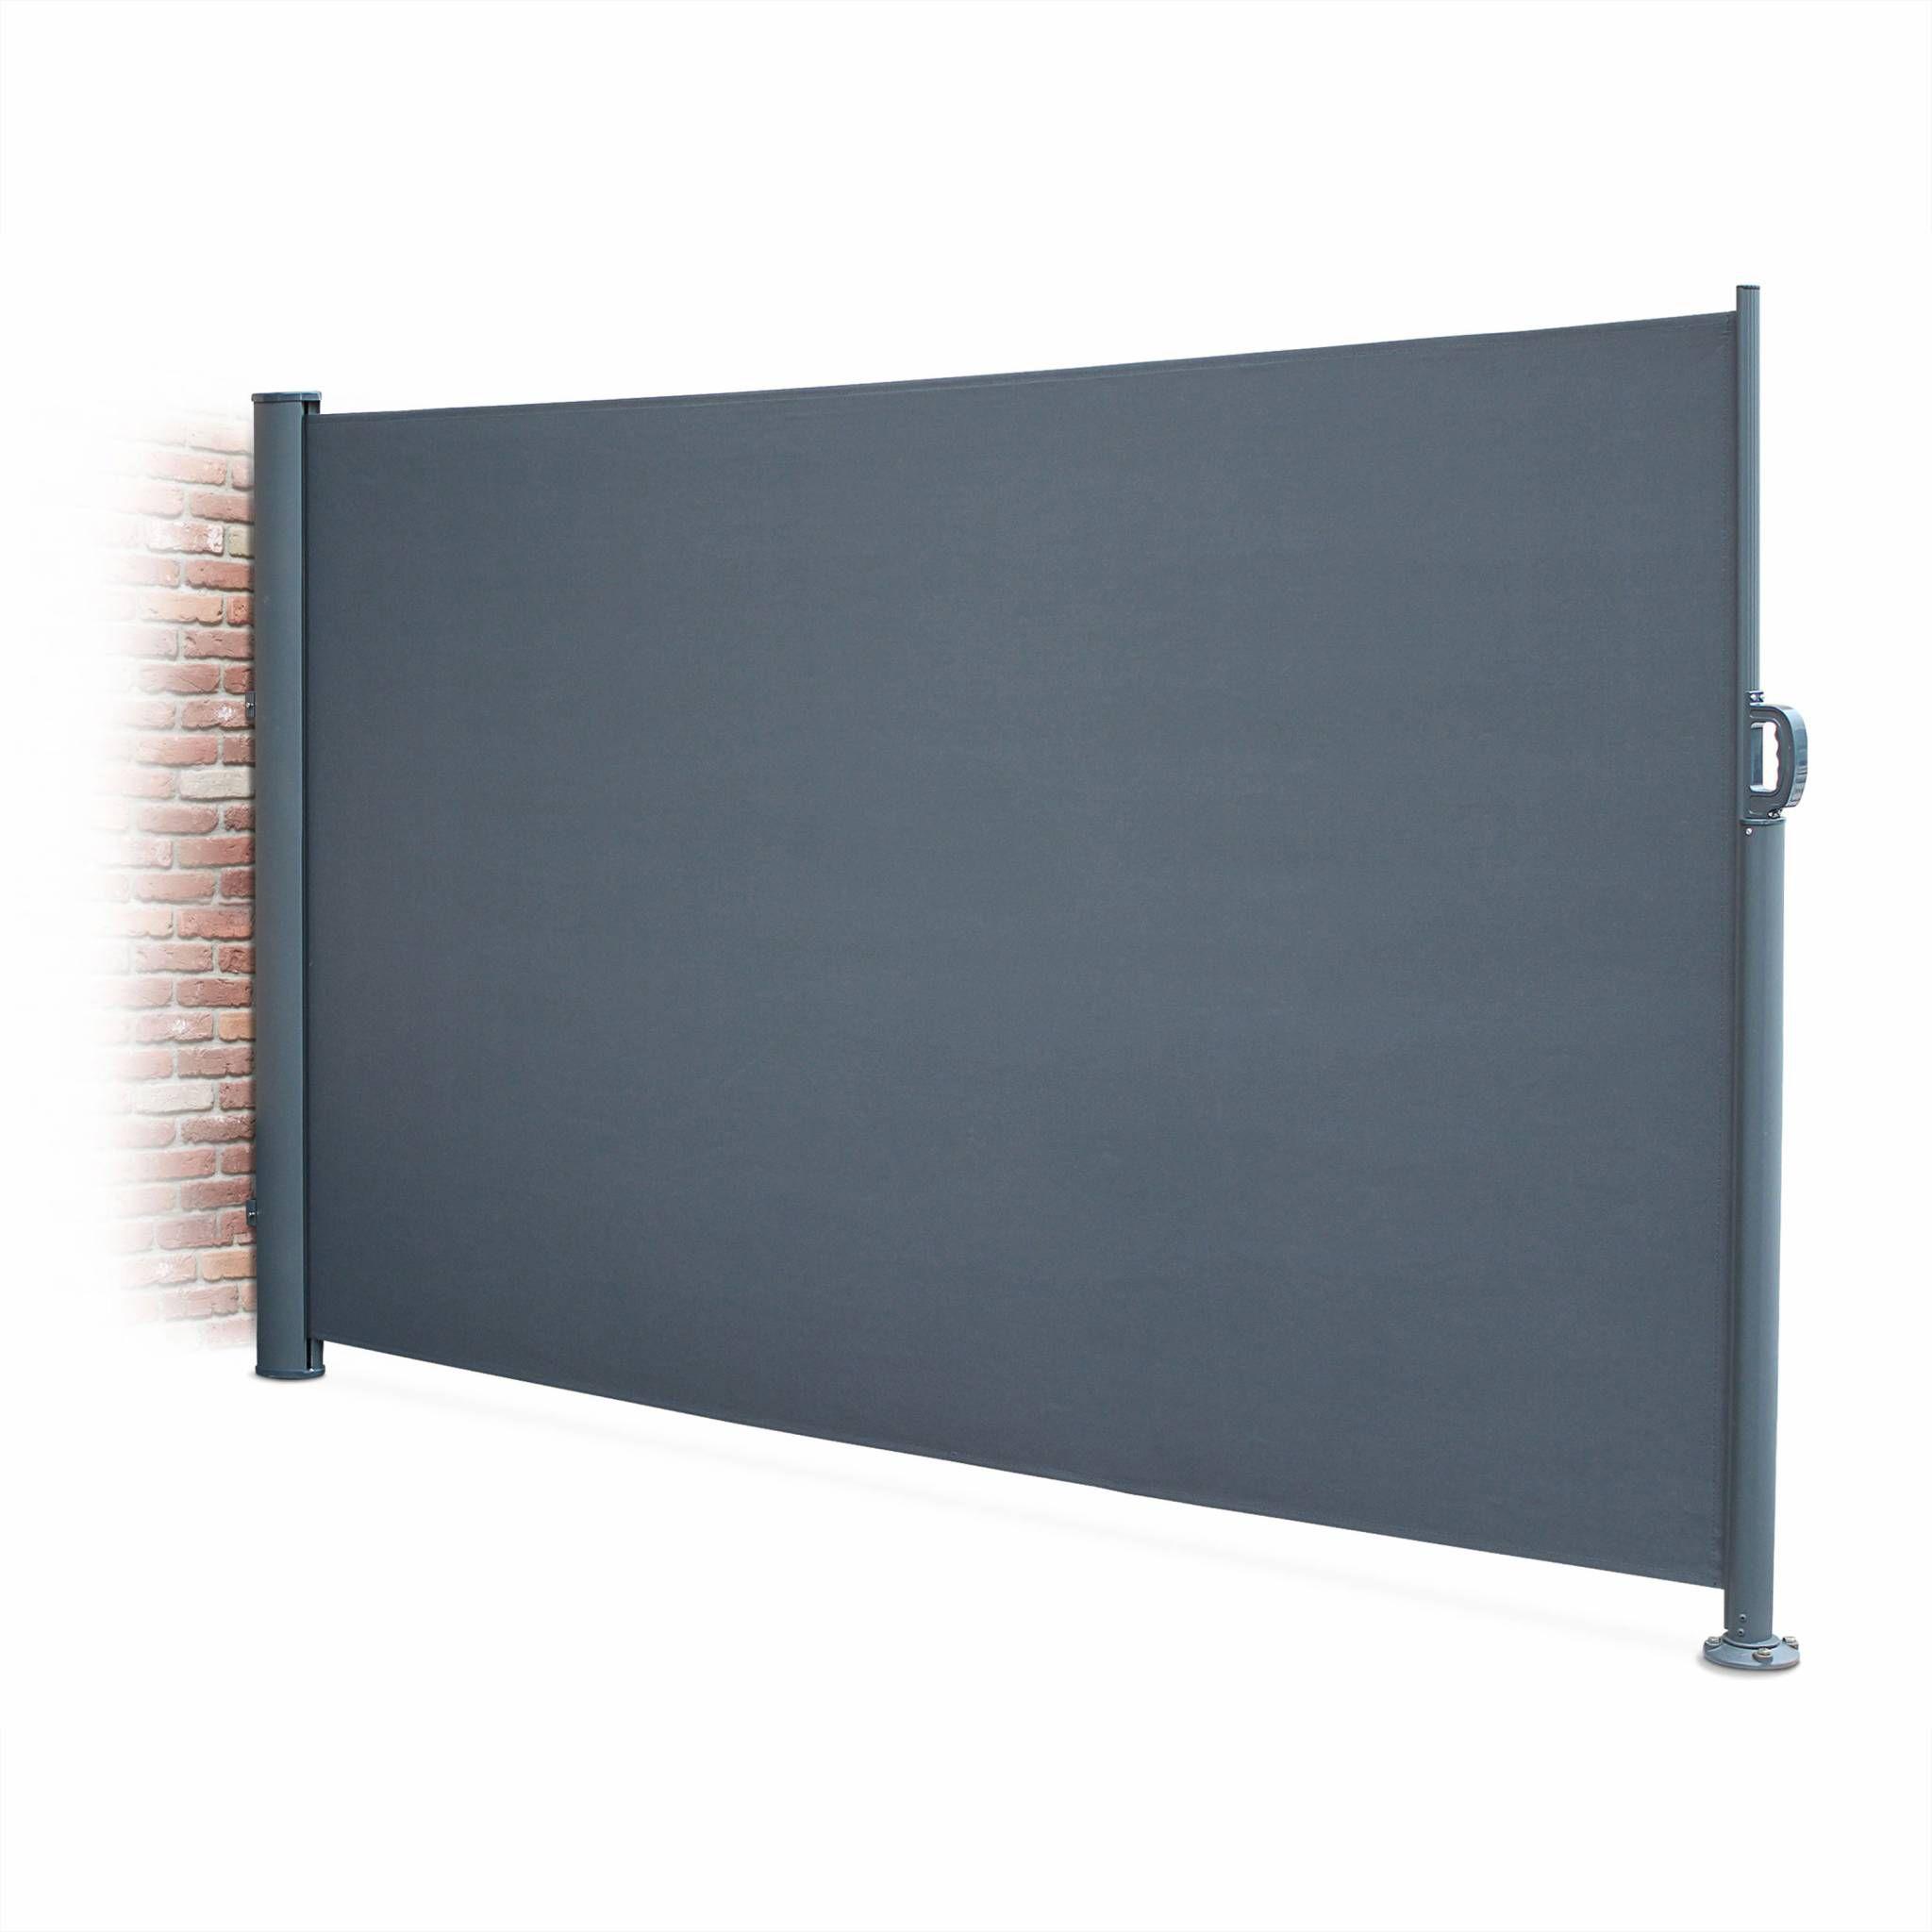 paravent r tractable putti gris 300x160cm brise vue. Black Bedroom Furniture Sets. Home Design Ideas